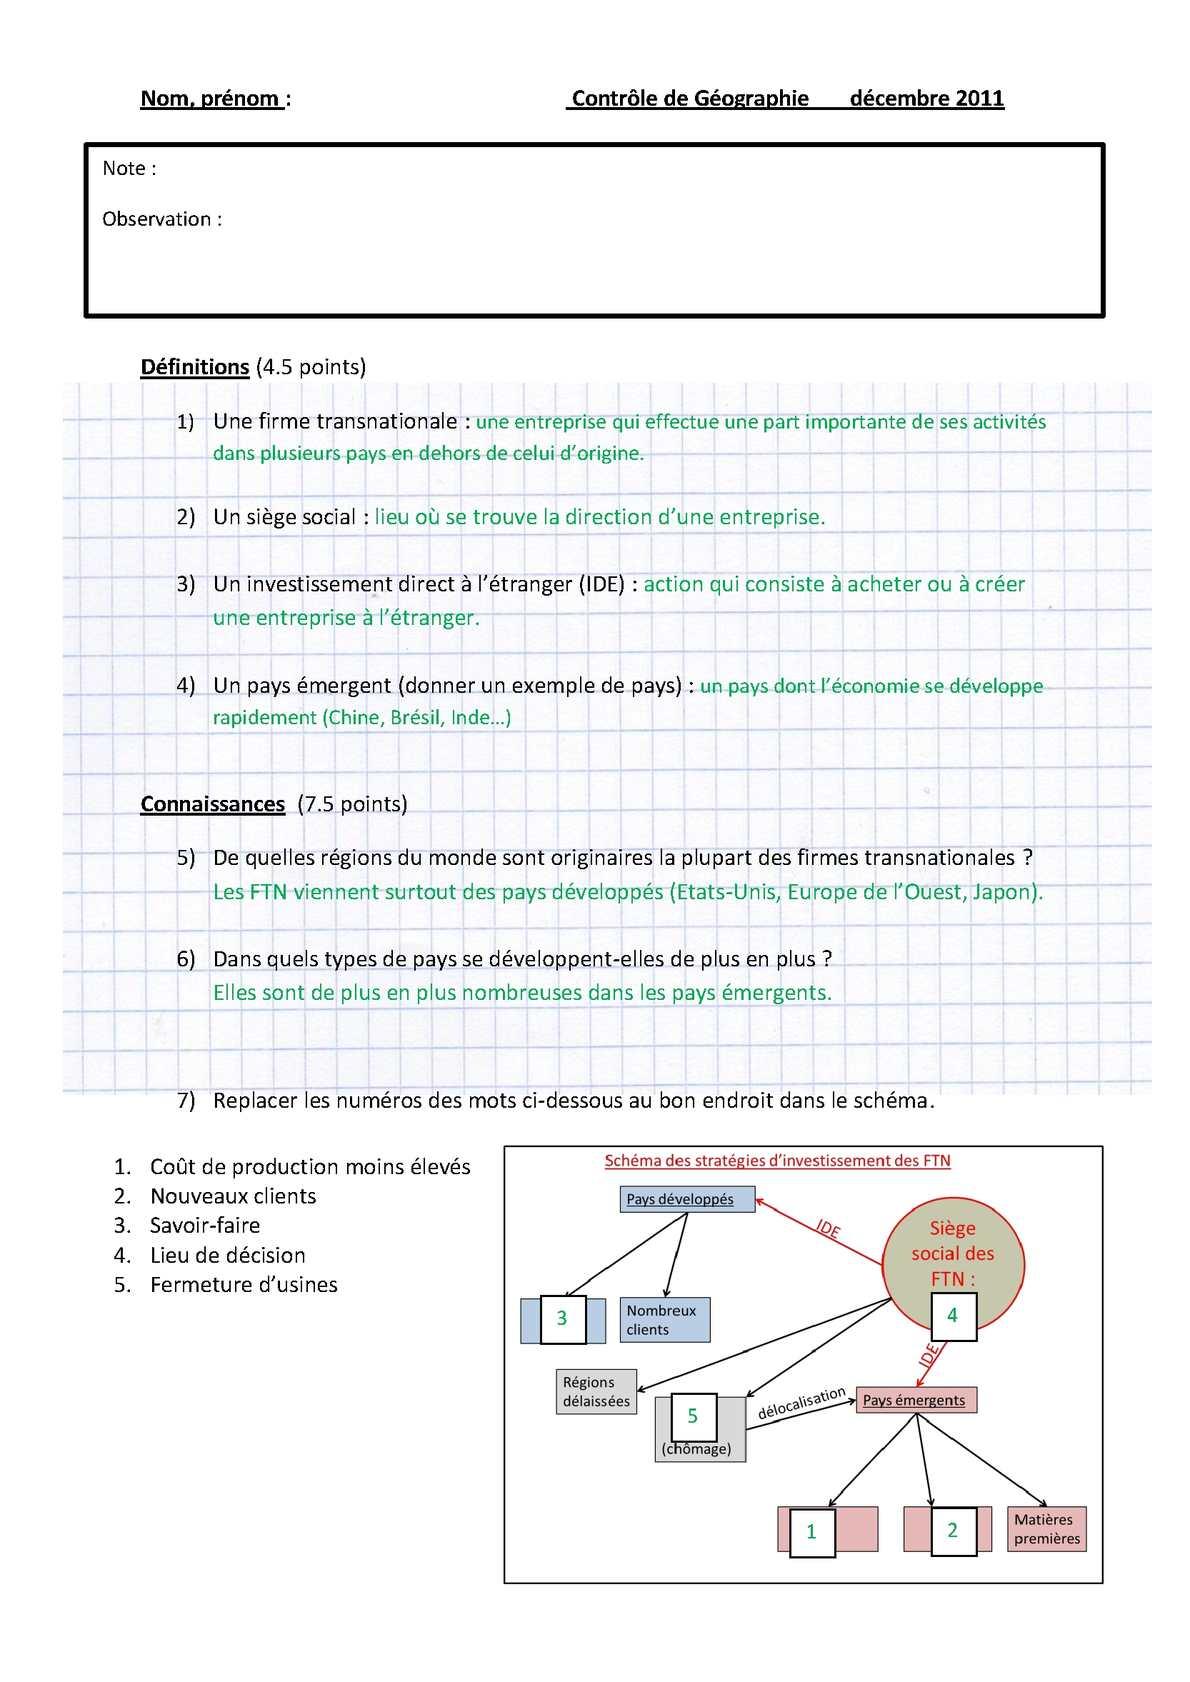 dissertation sur les firmes transnationales